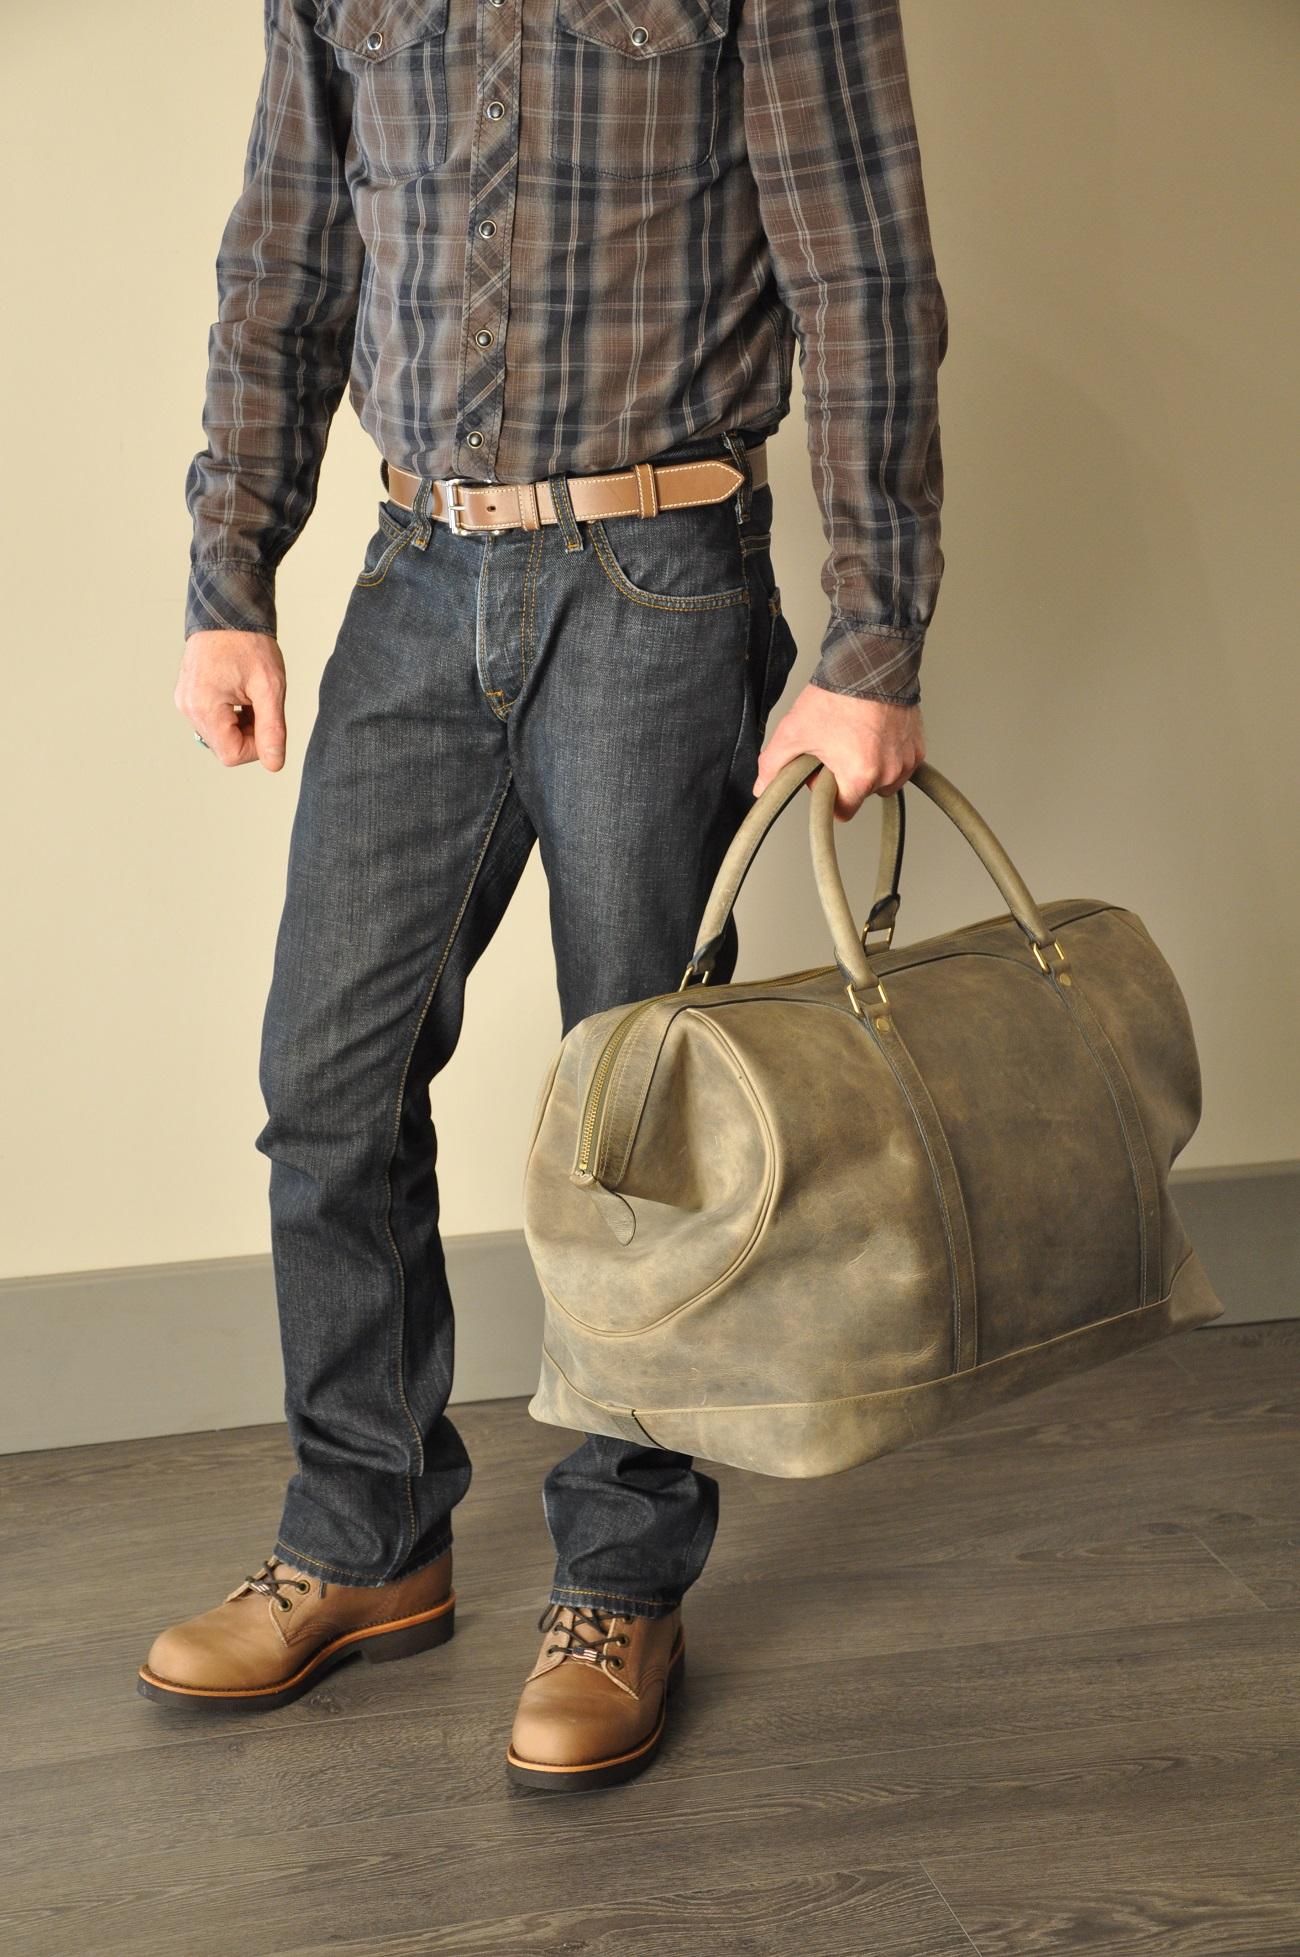 Bagage Cupertino est d'inspiration vintage, en vachette vieillie, doublé en lin. Création LE NOËN Provence.